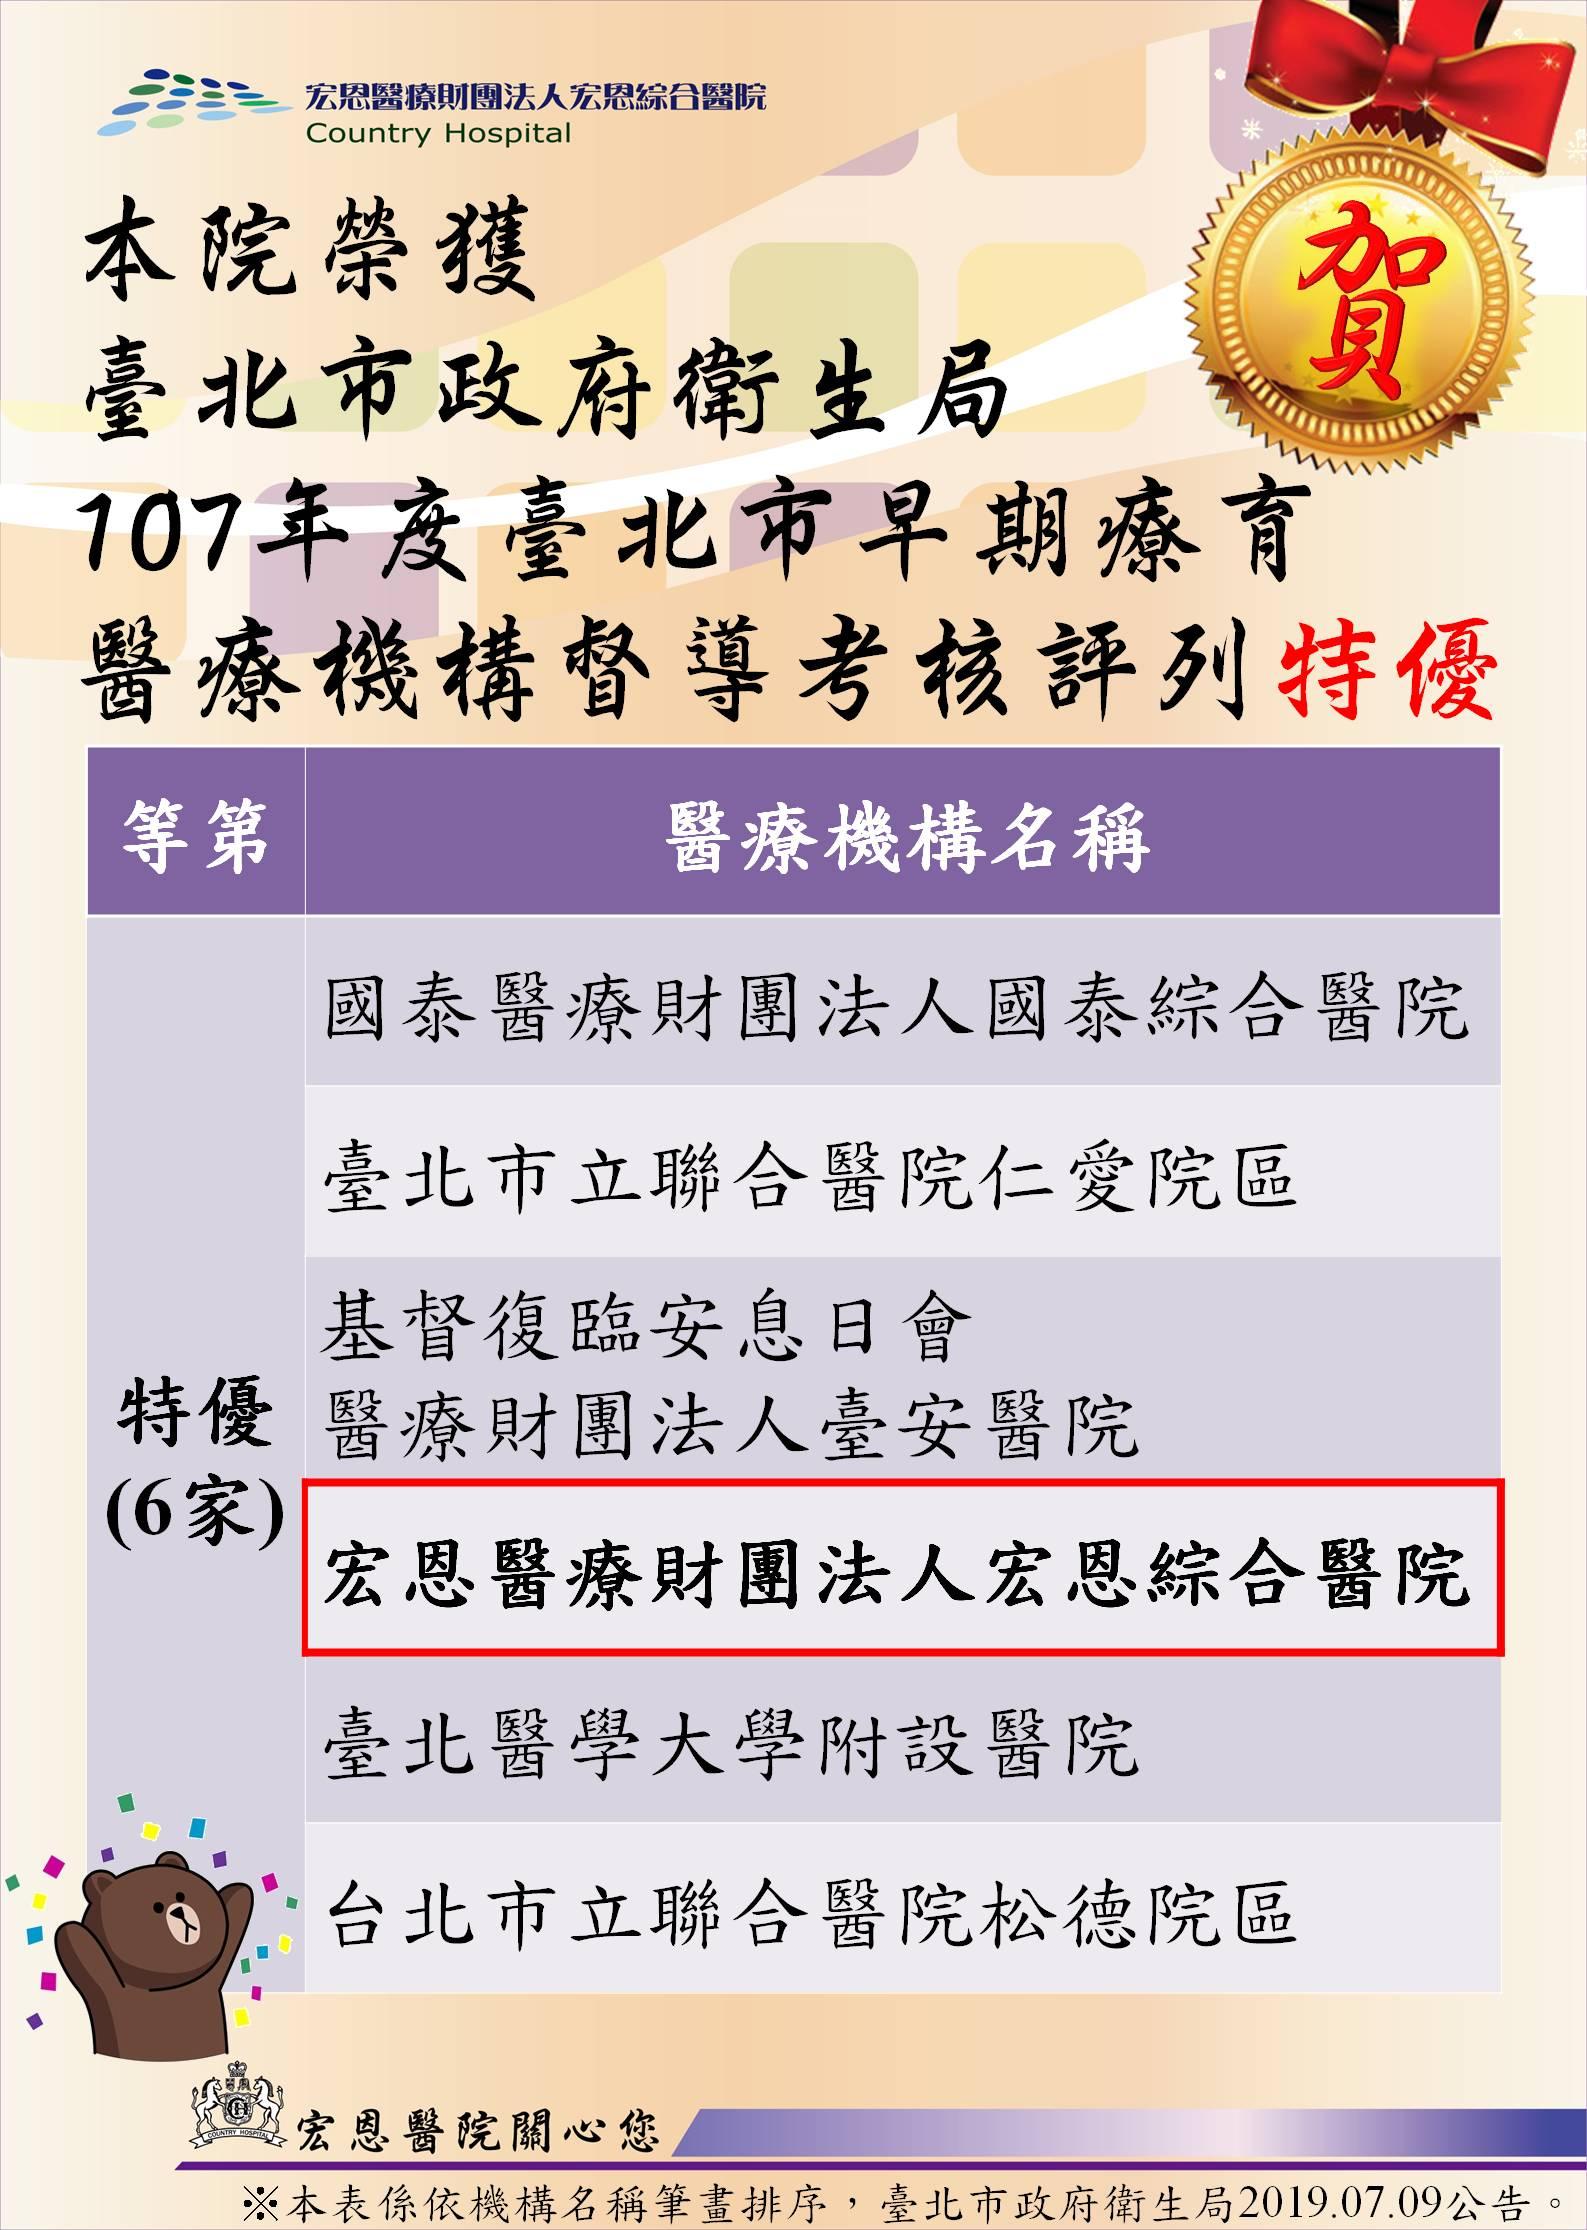 本院榮獲「107年度臺北市早期療育醫療機構督導考核」特優